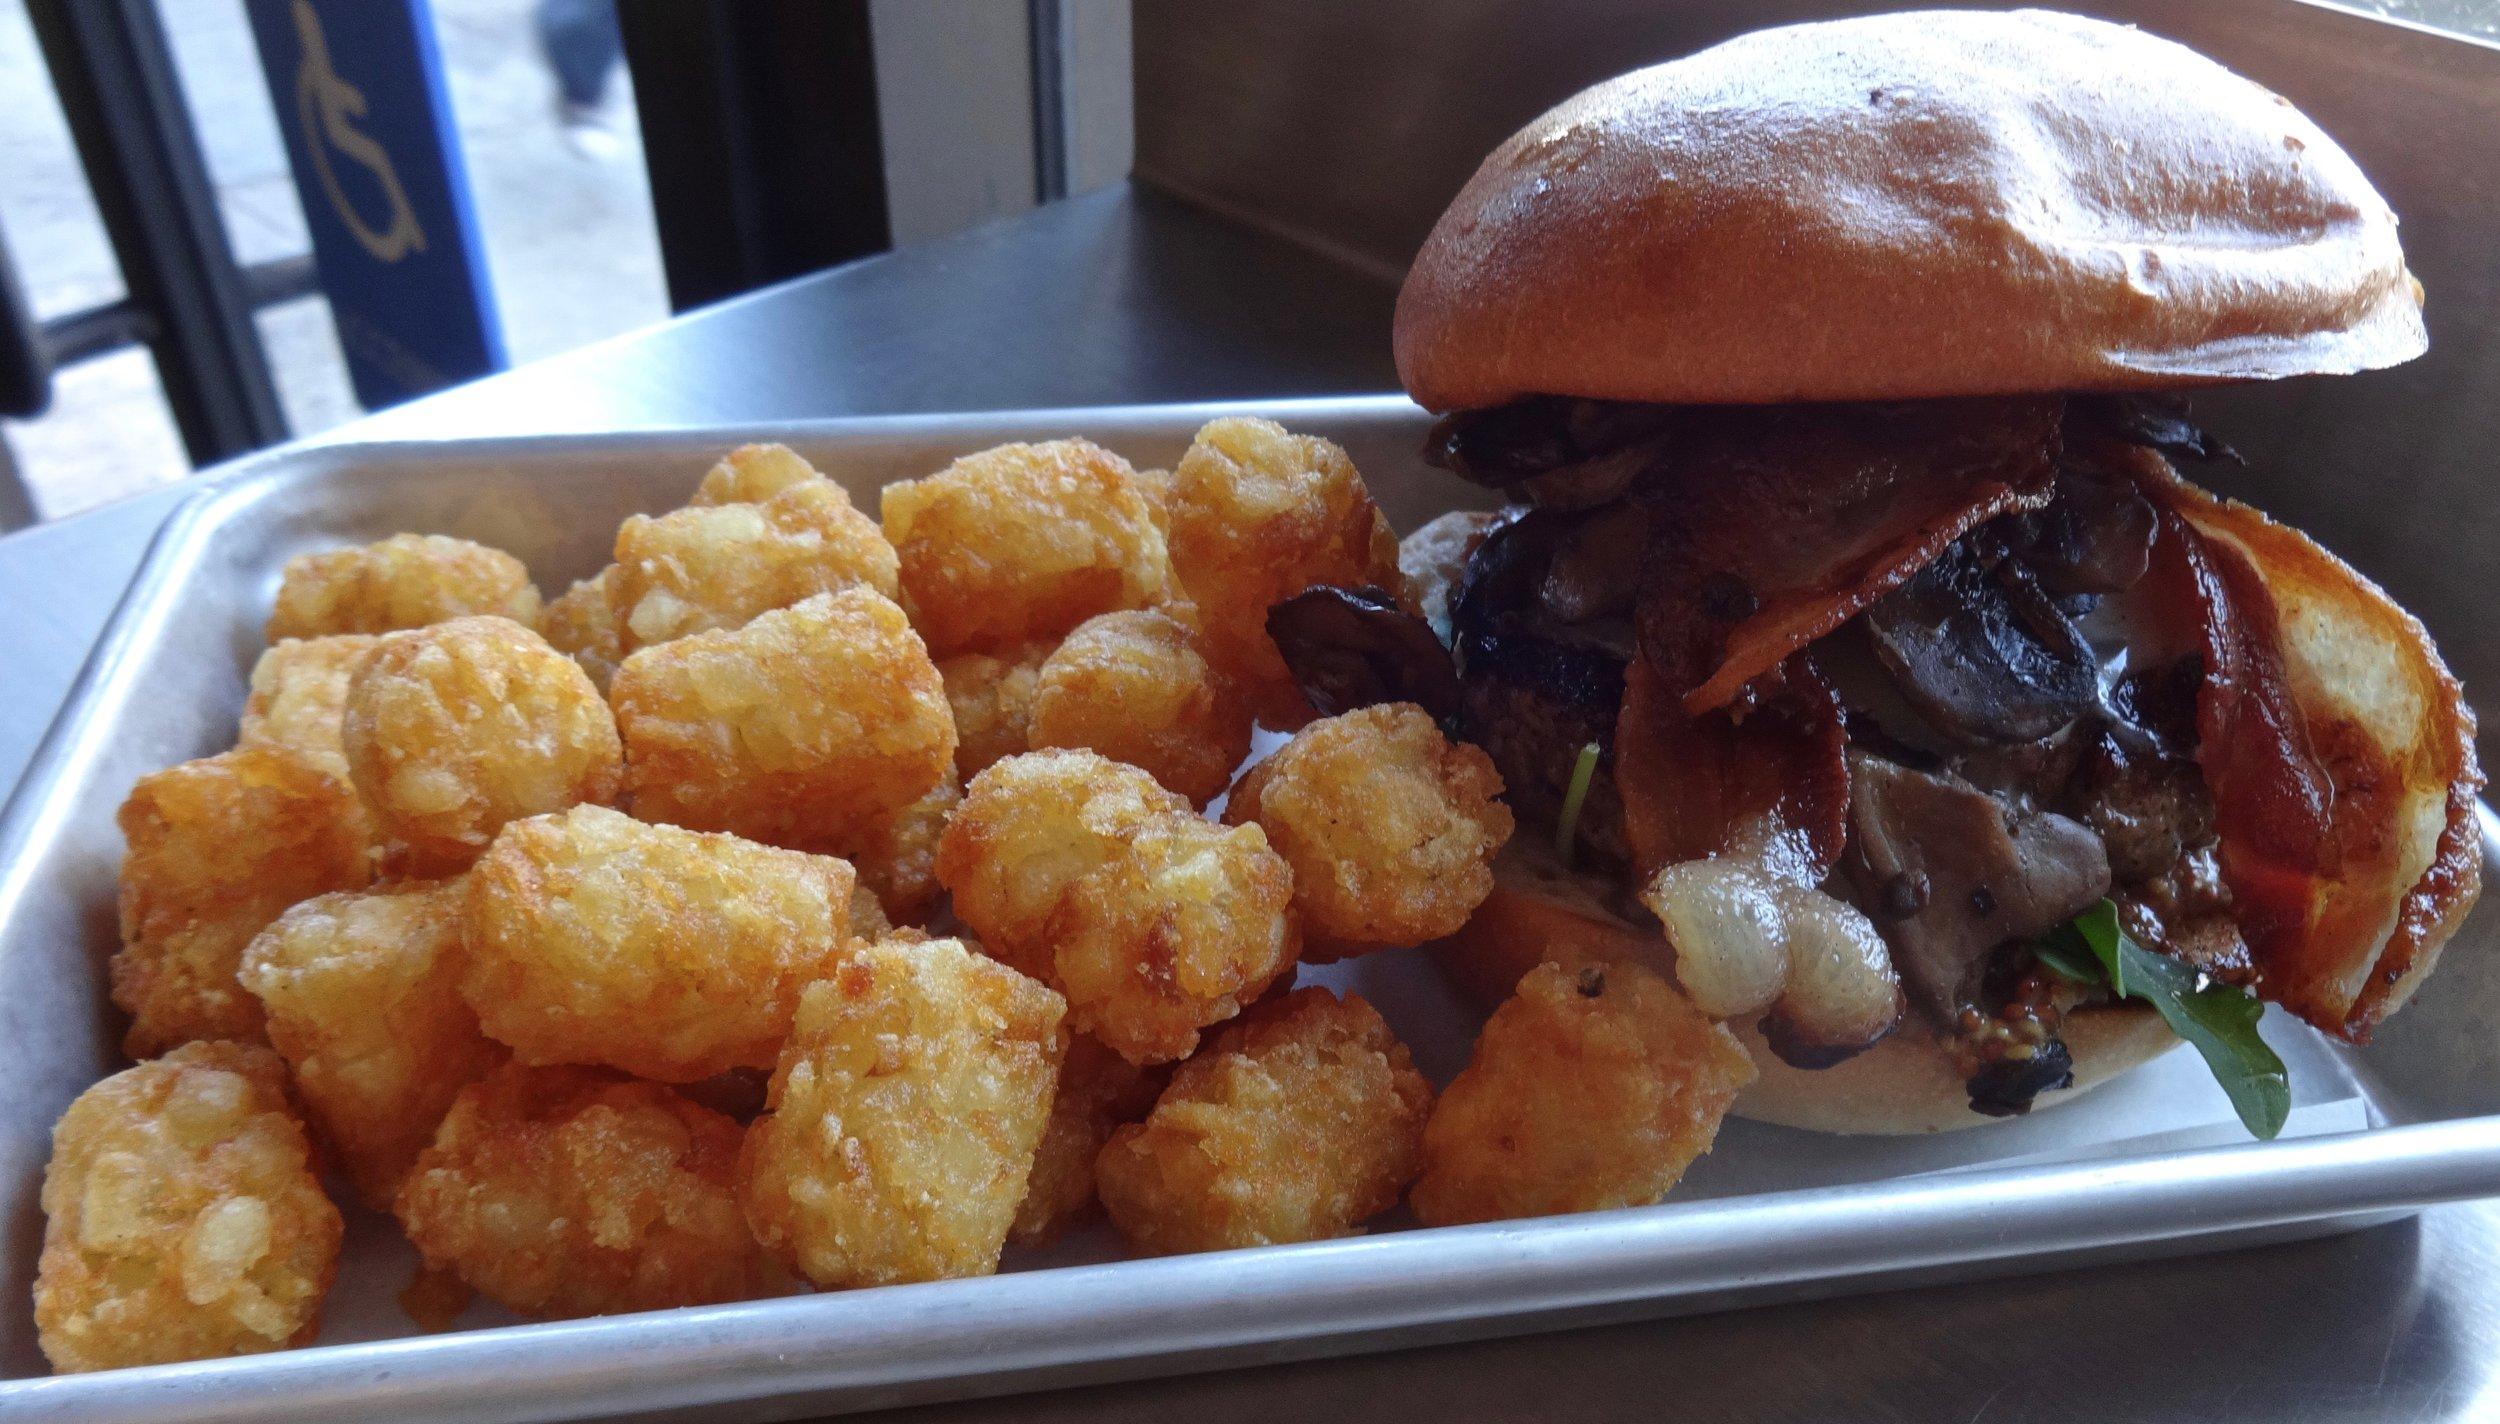 Wes Burger's bacon, mushroom cheeseburger and tater tots